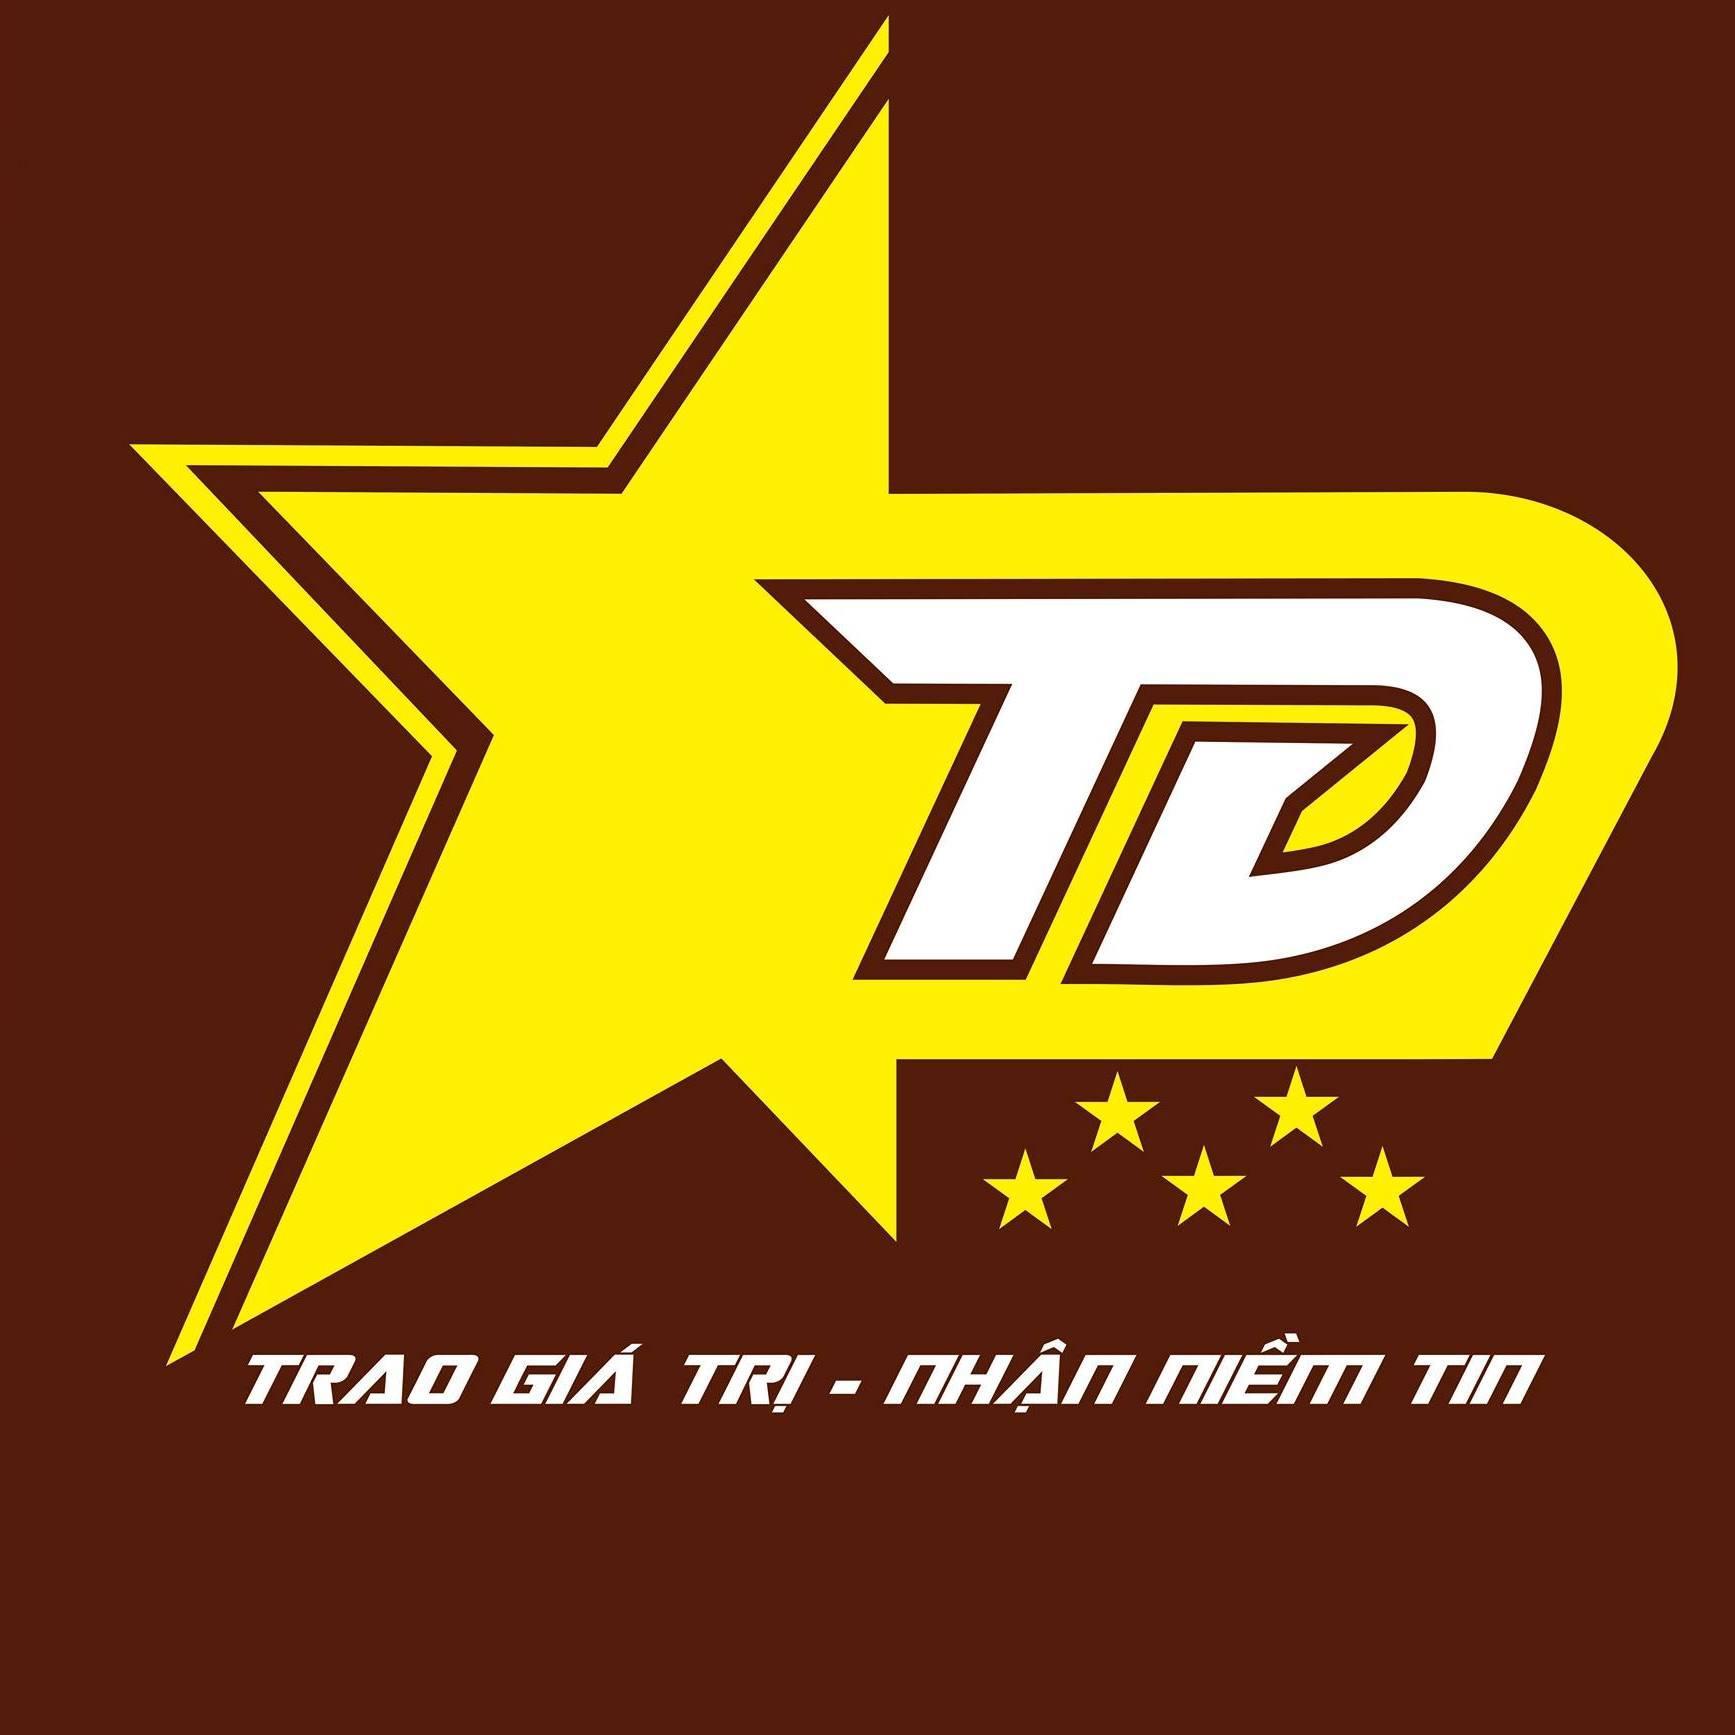 Công ty cổ phần Tadamo Việt nam